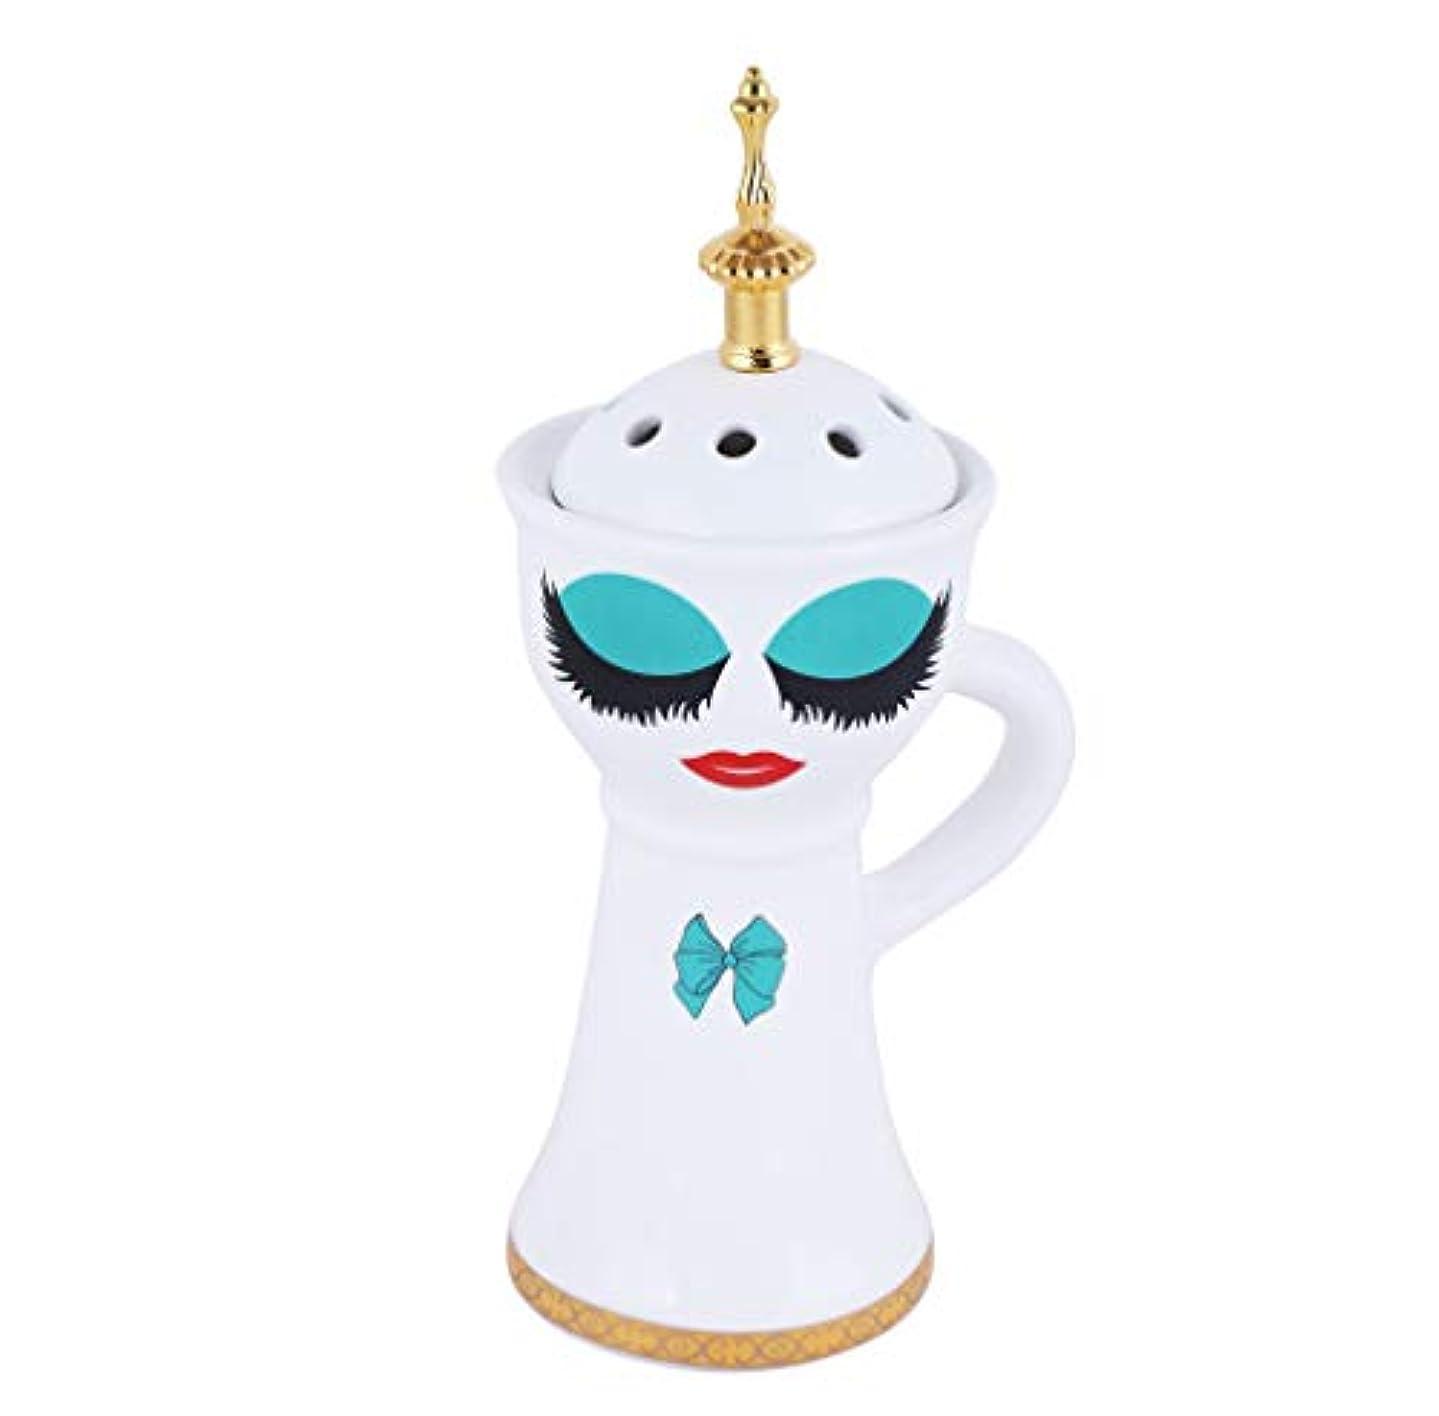 レース労働者脅威Nexxa Beautiful Ceramic Incense Bakhoor/Oud Burner Frankincense Incense Holder with Attractive Eyes, Non Electric...